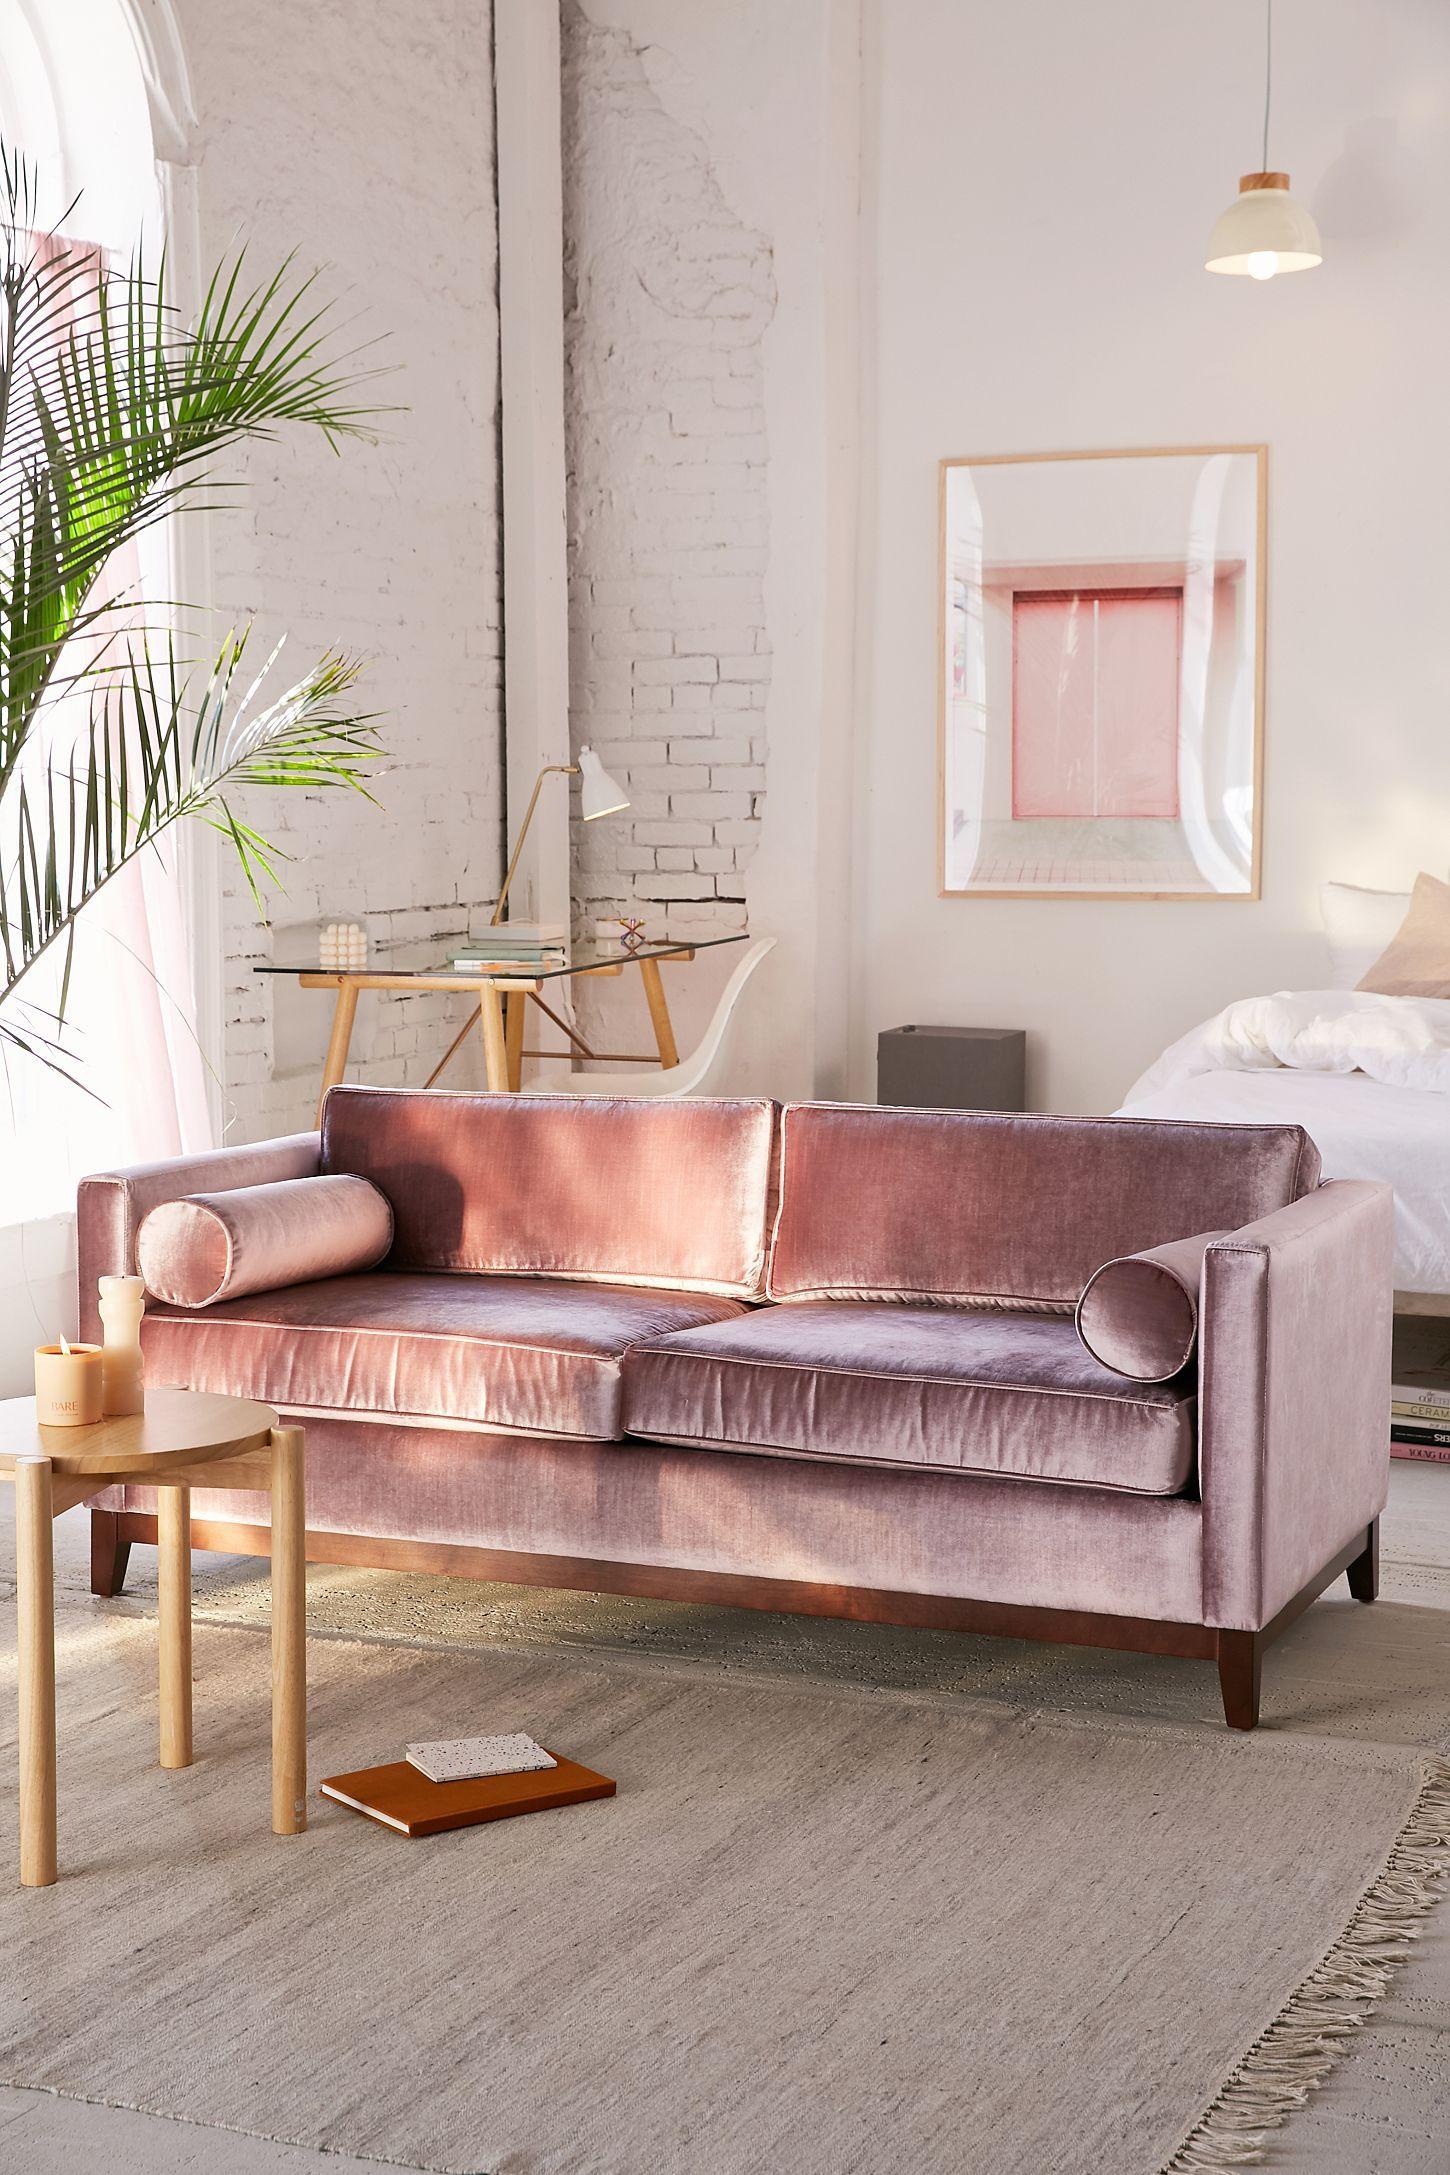 Piper Petite Velvet Sofa In 2021 Couches Living Room Velvet Furniture Living Room Designs Petite furniture living room